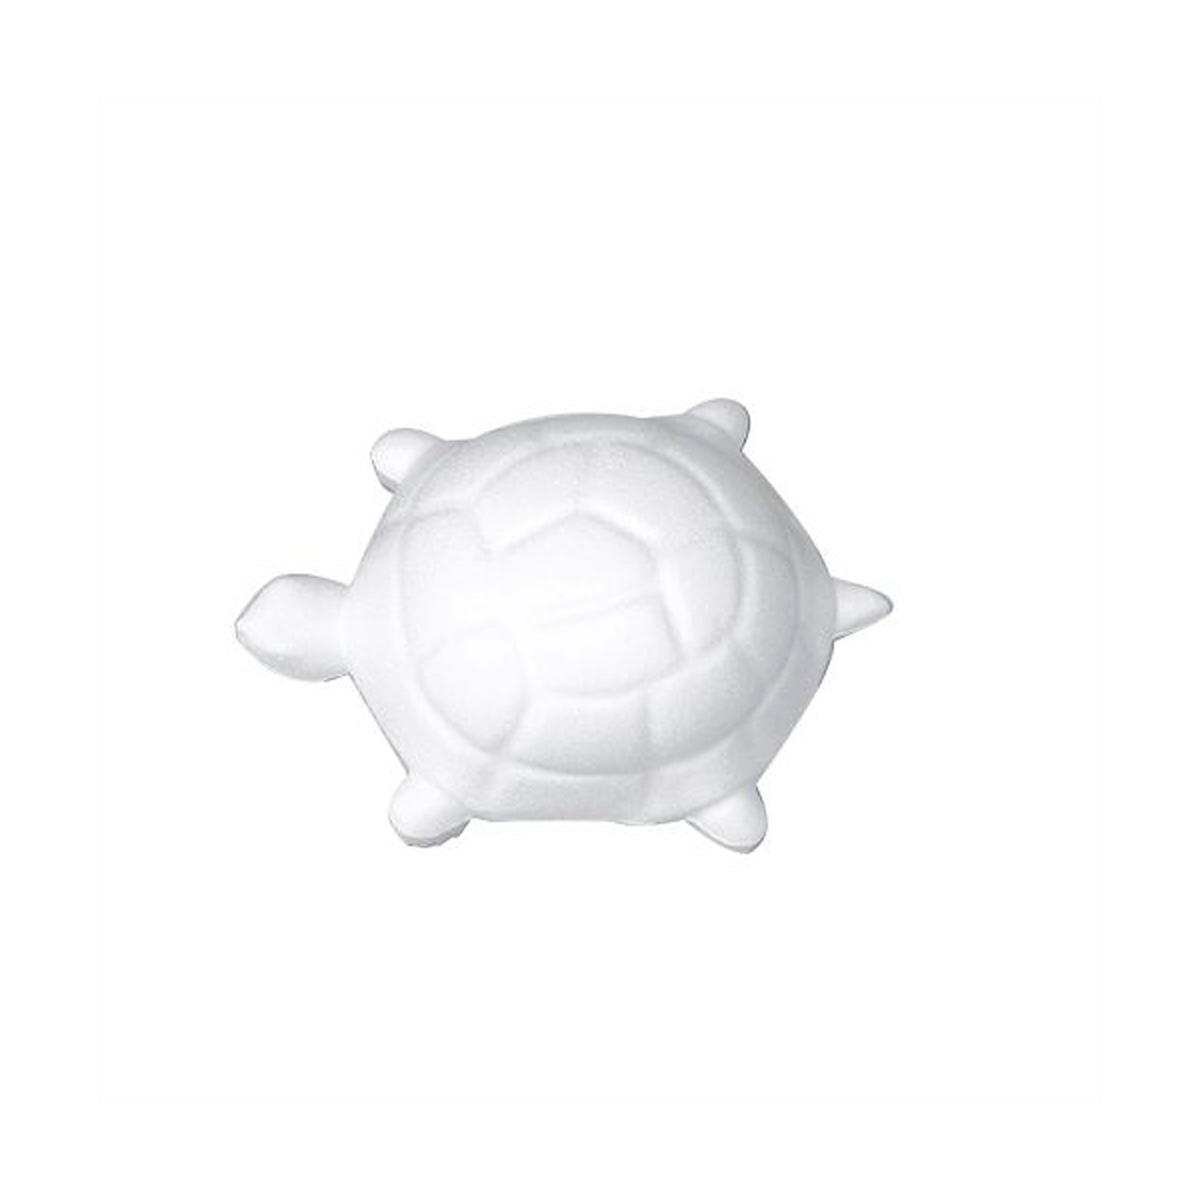 Заготовка для декорирования из пенопласта 'Черепаха', h 9*24см